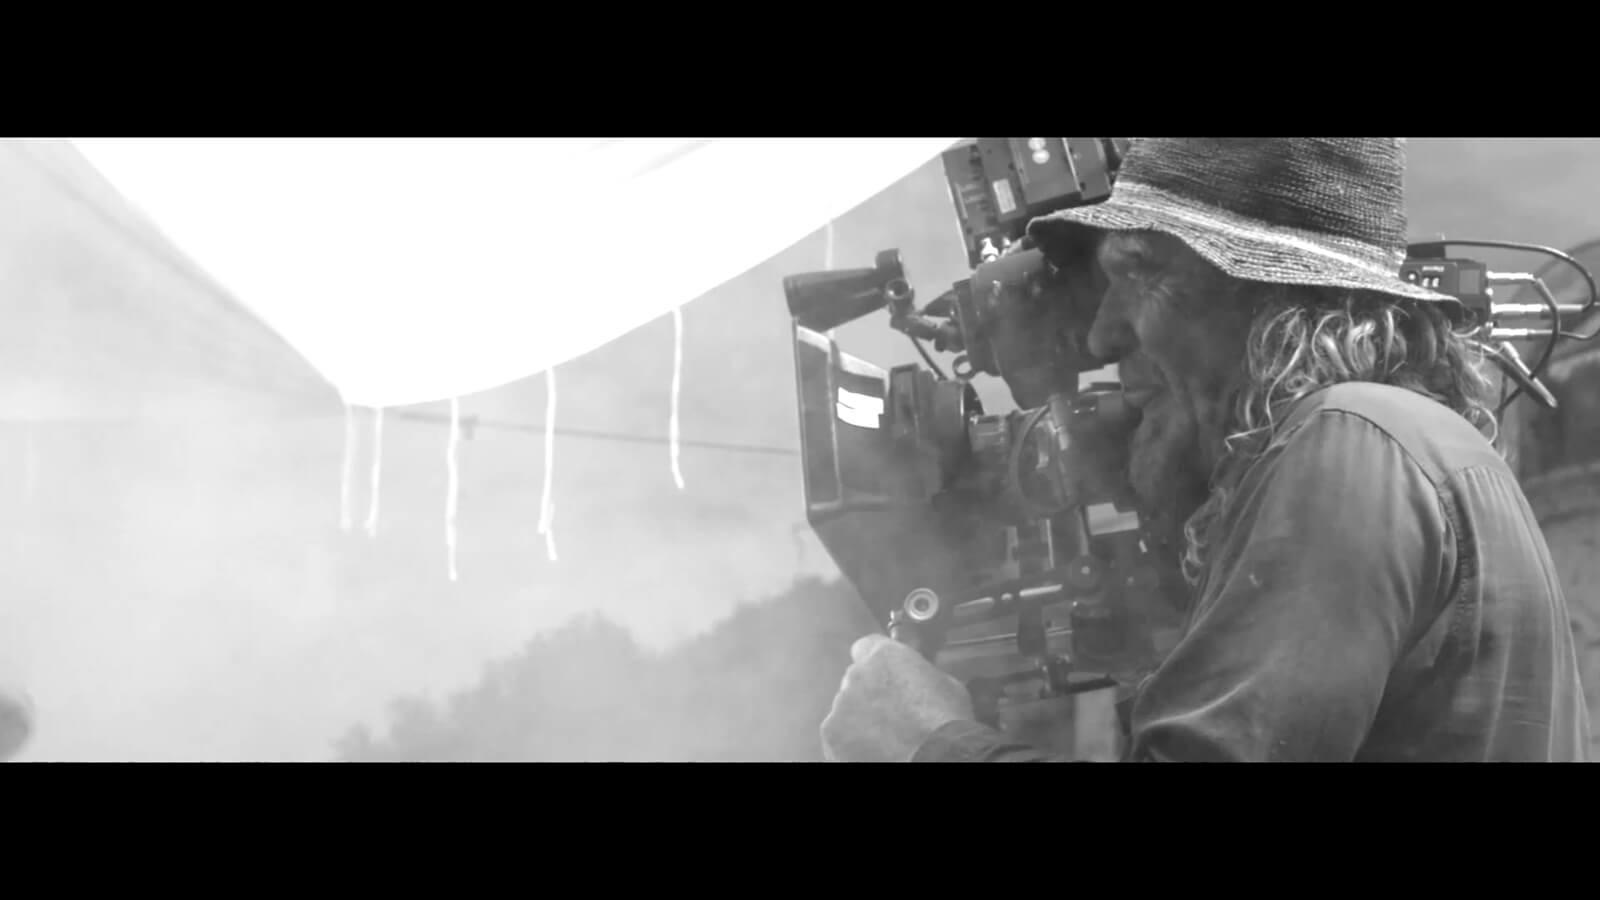 vlcsnap-2016-08-12-19h19m10s104